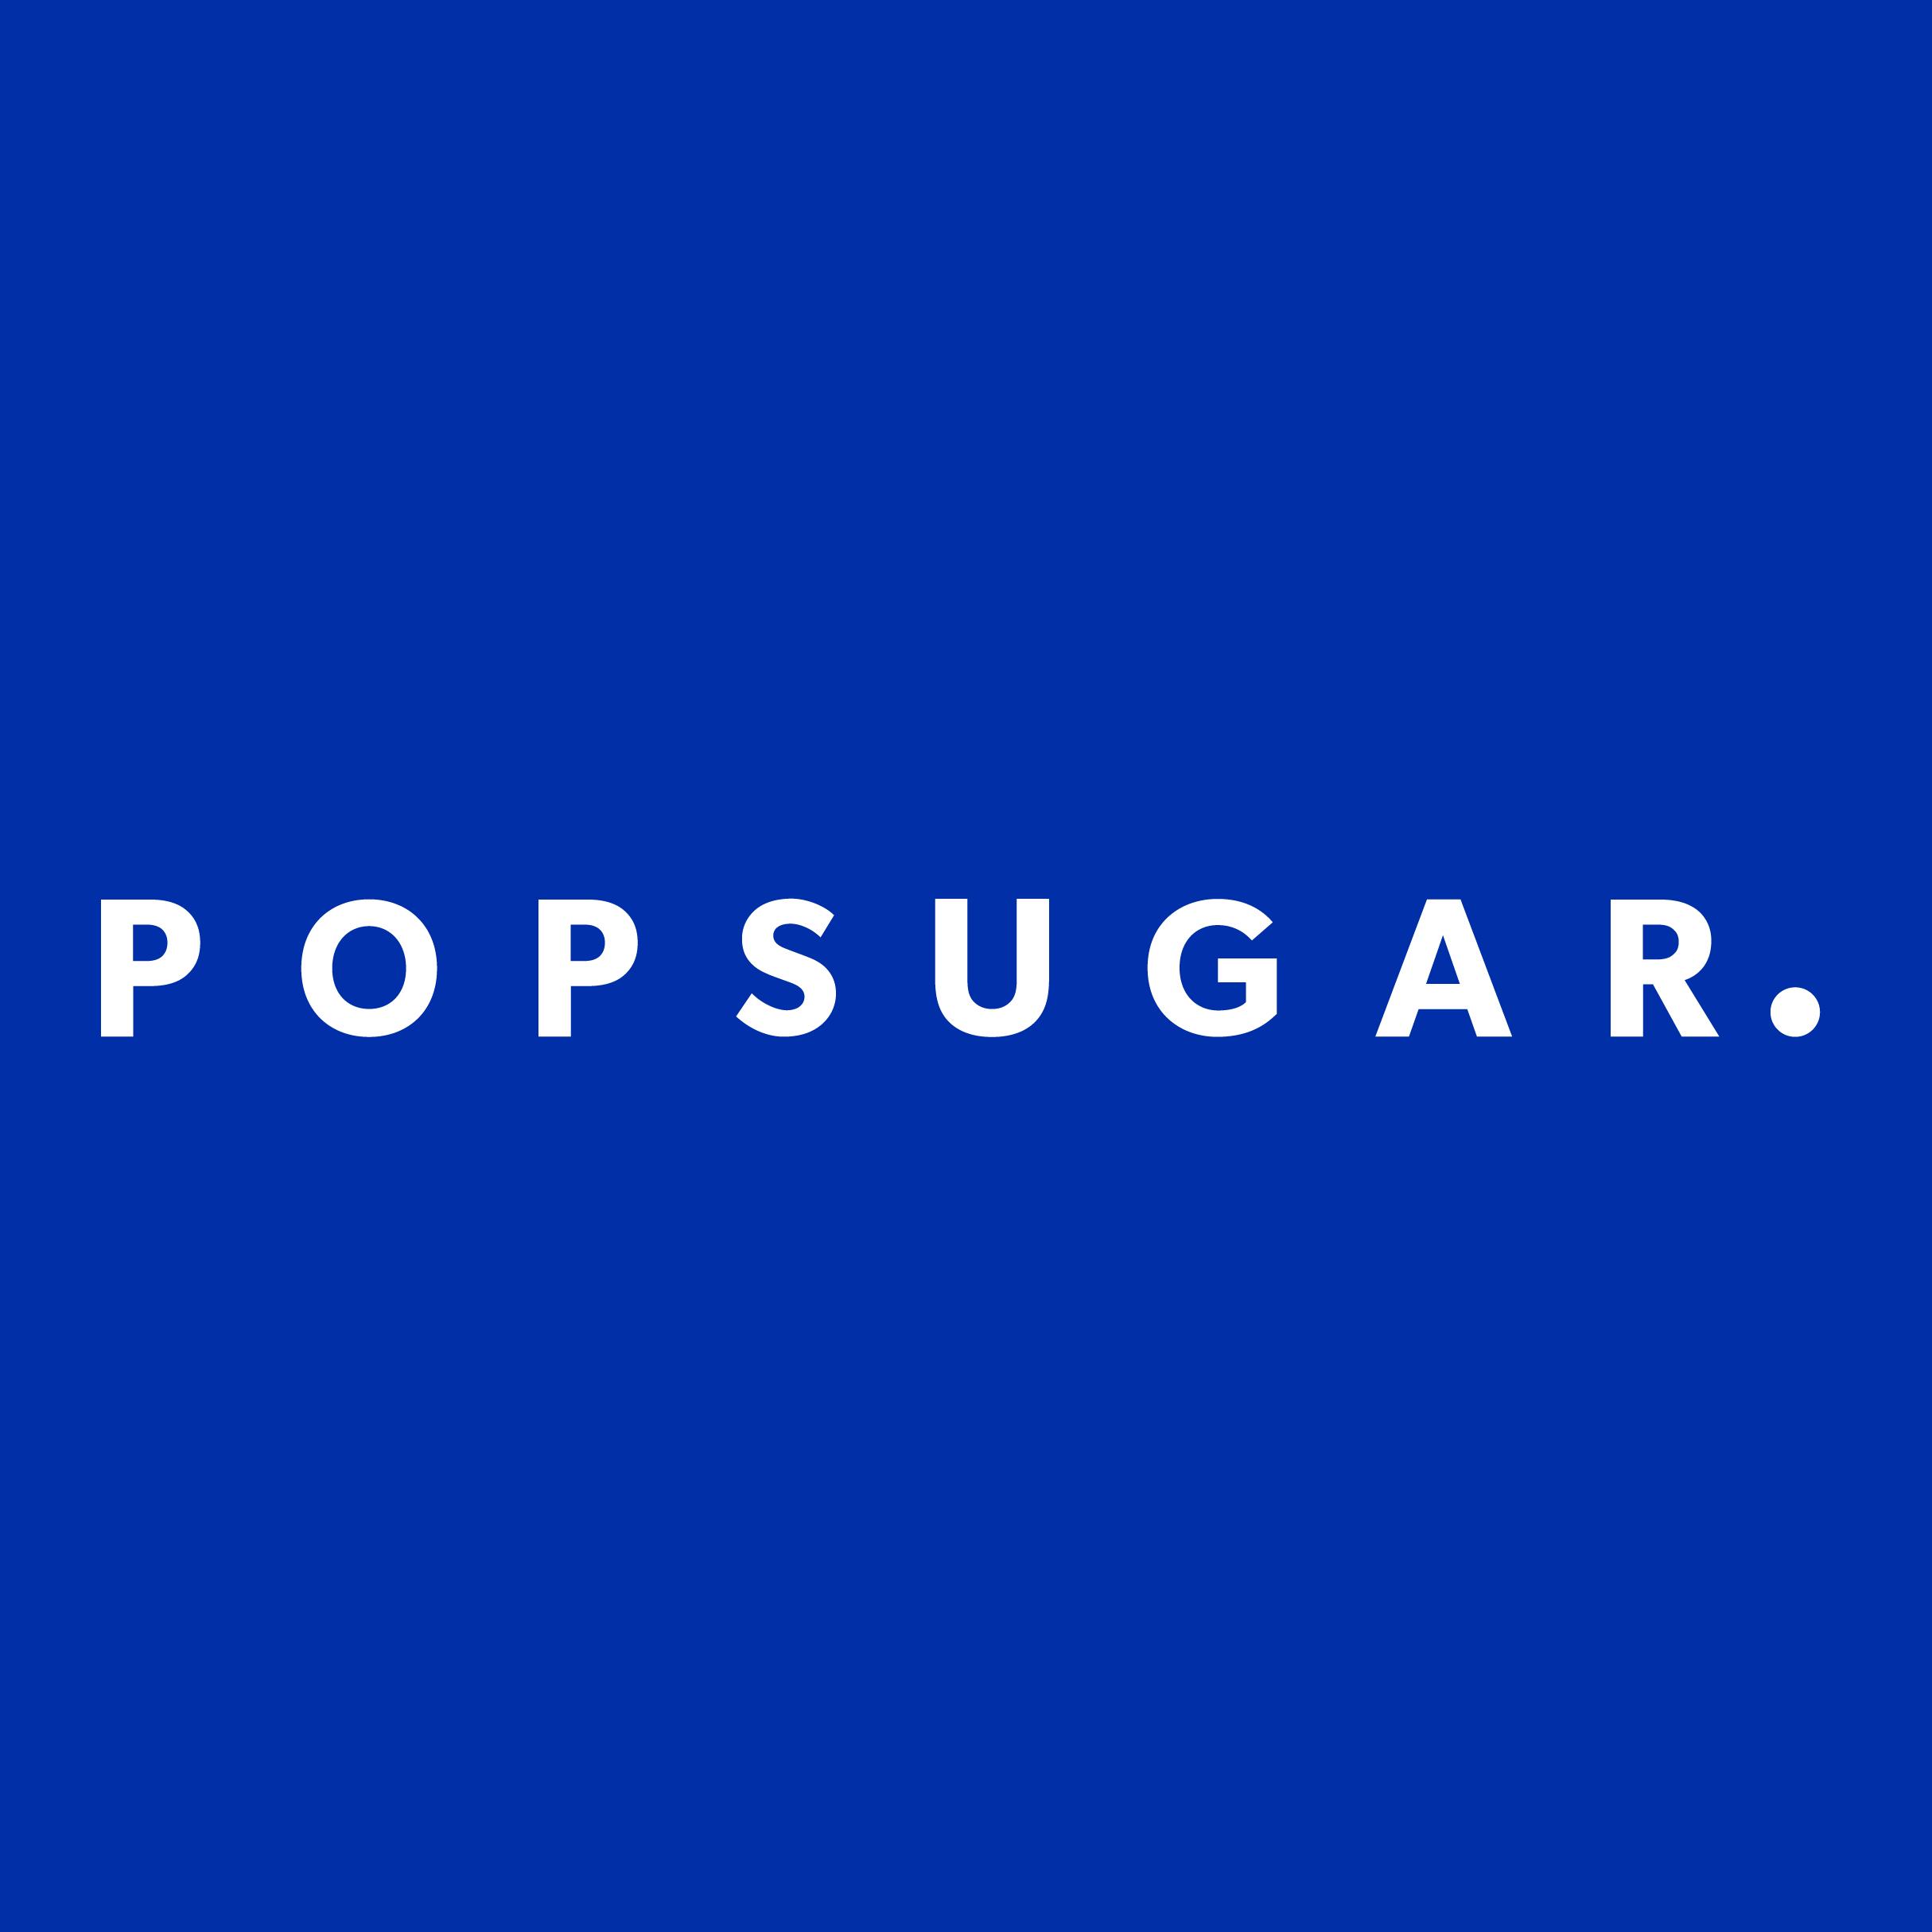 POPSUGAR: A New Look